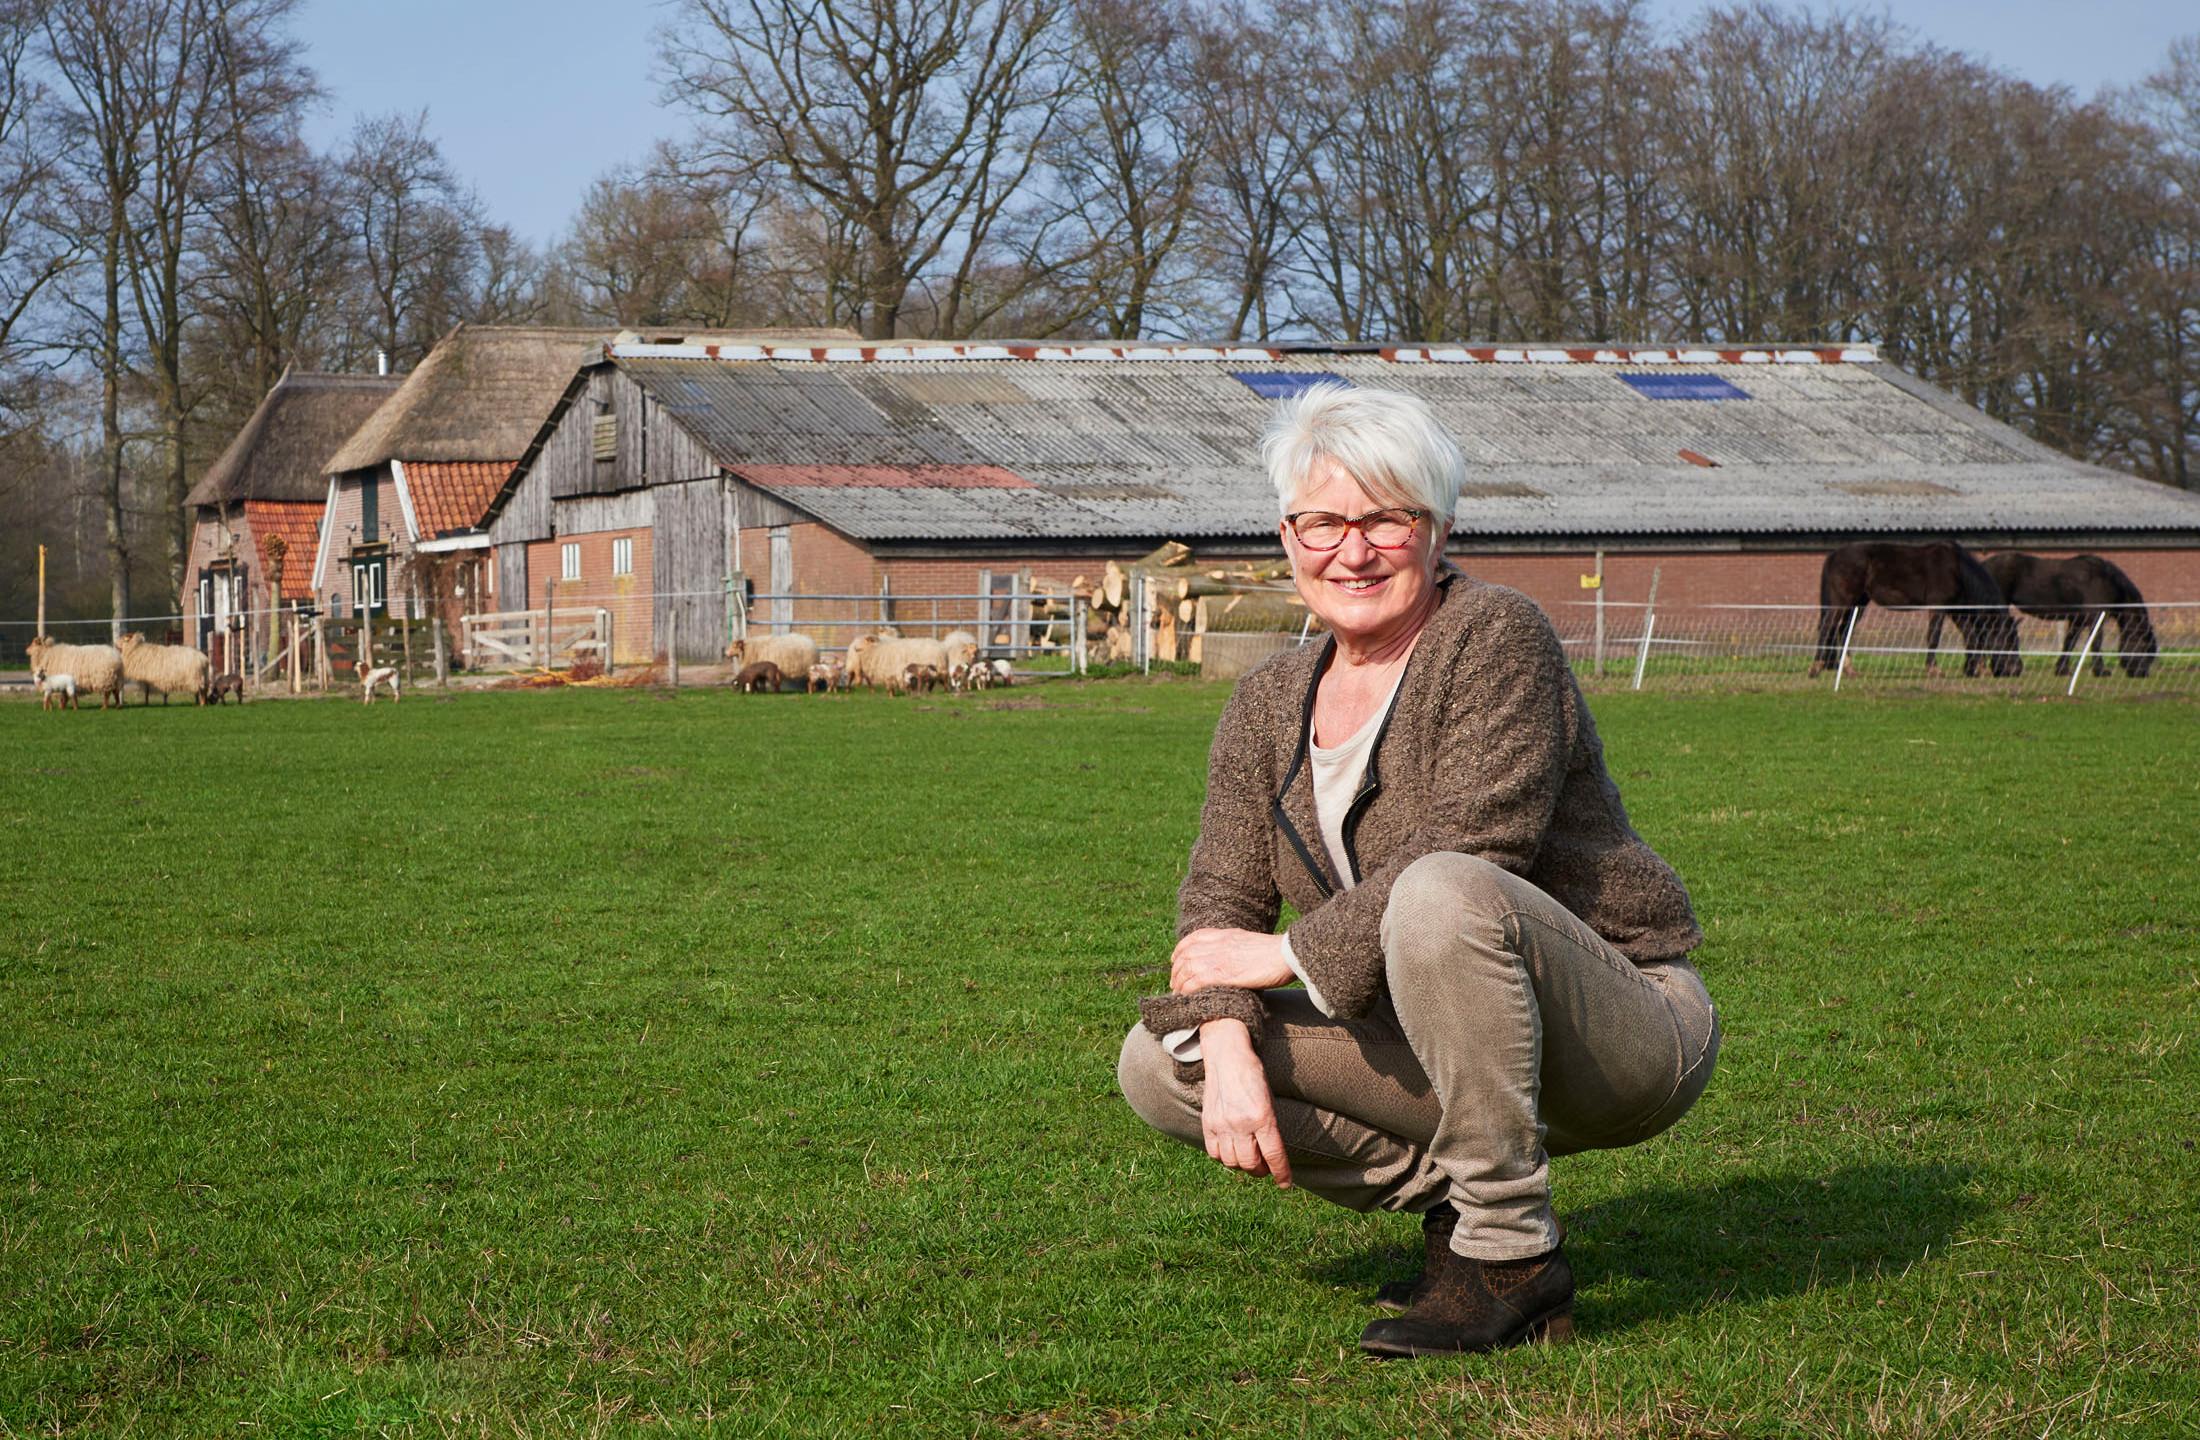 Portret van coach Ria Markvoort van BoerenVragen met in de achtergrond een boerderij